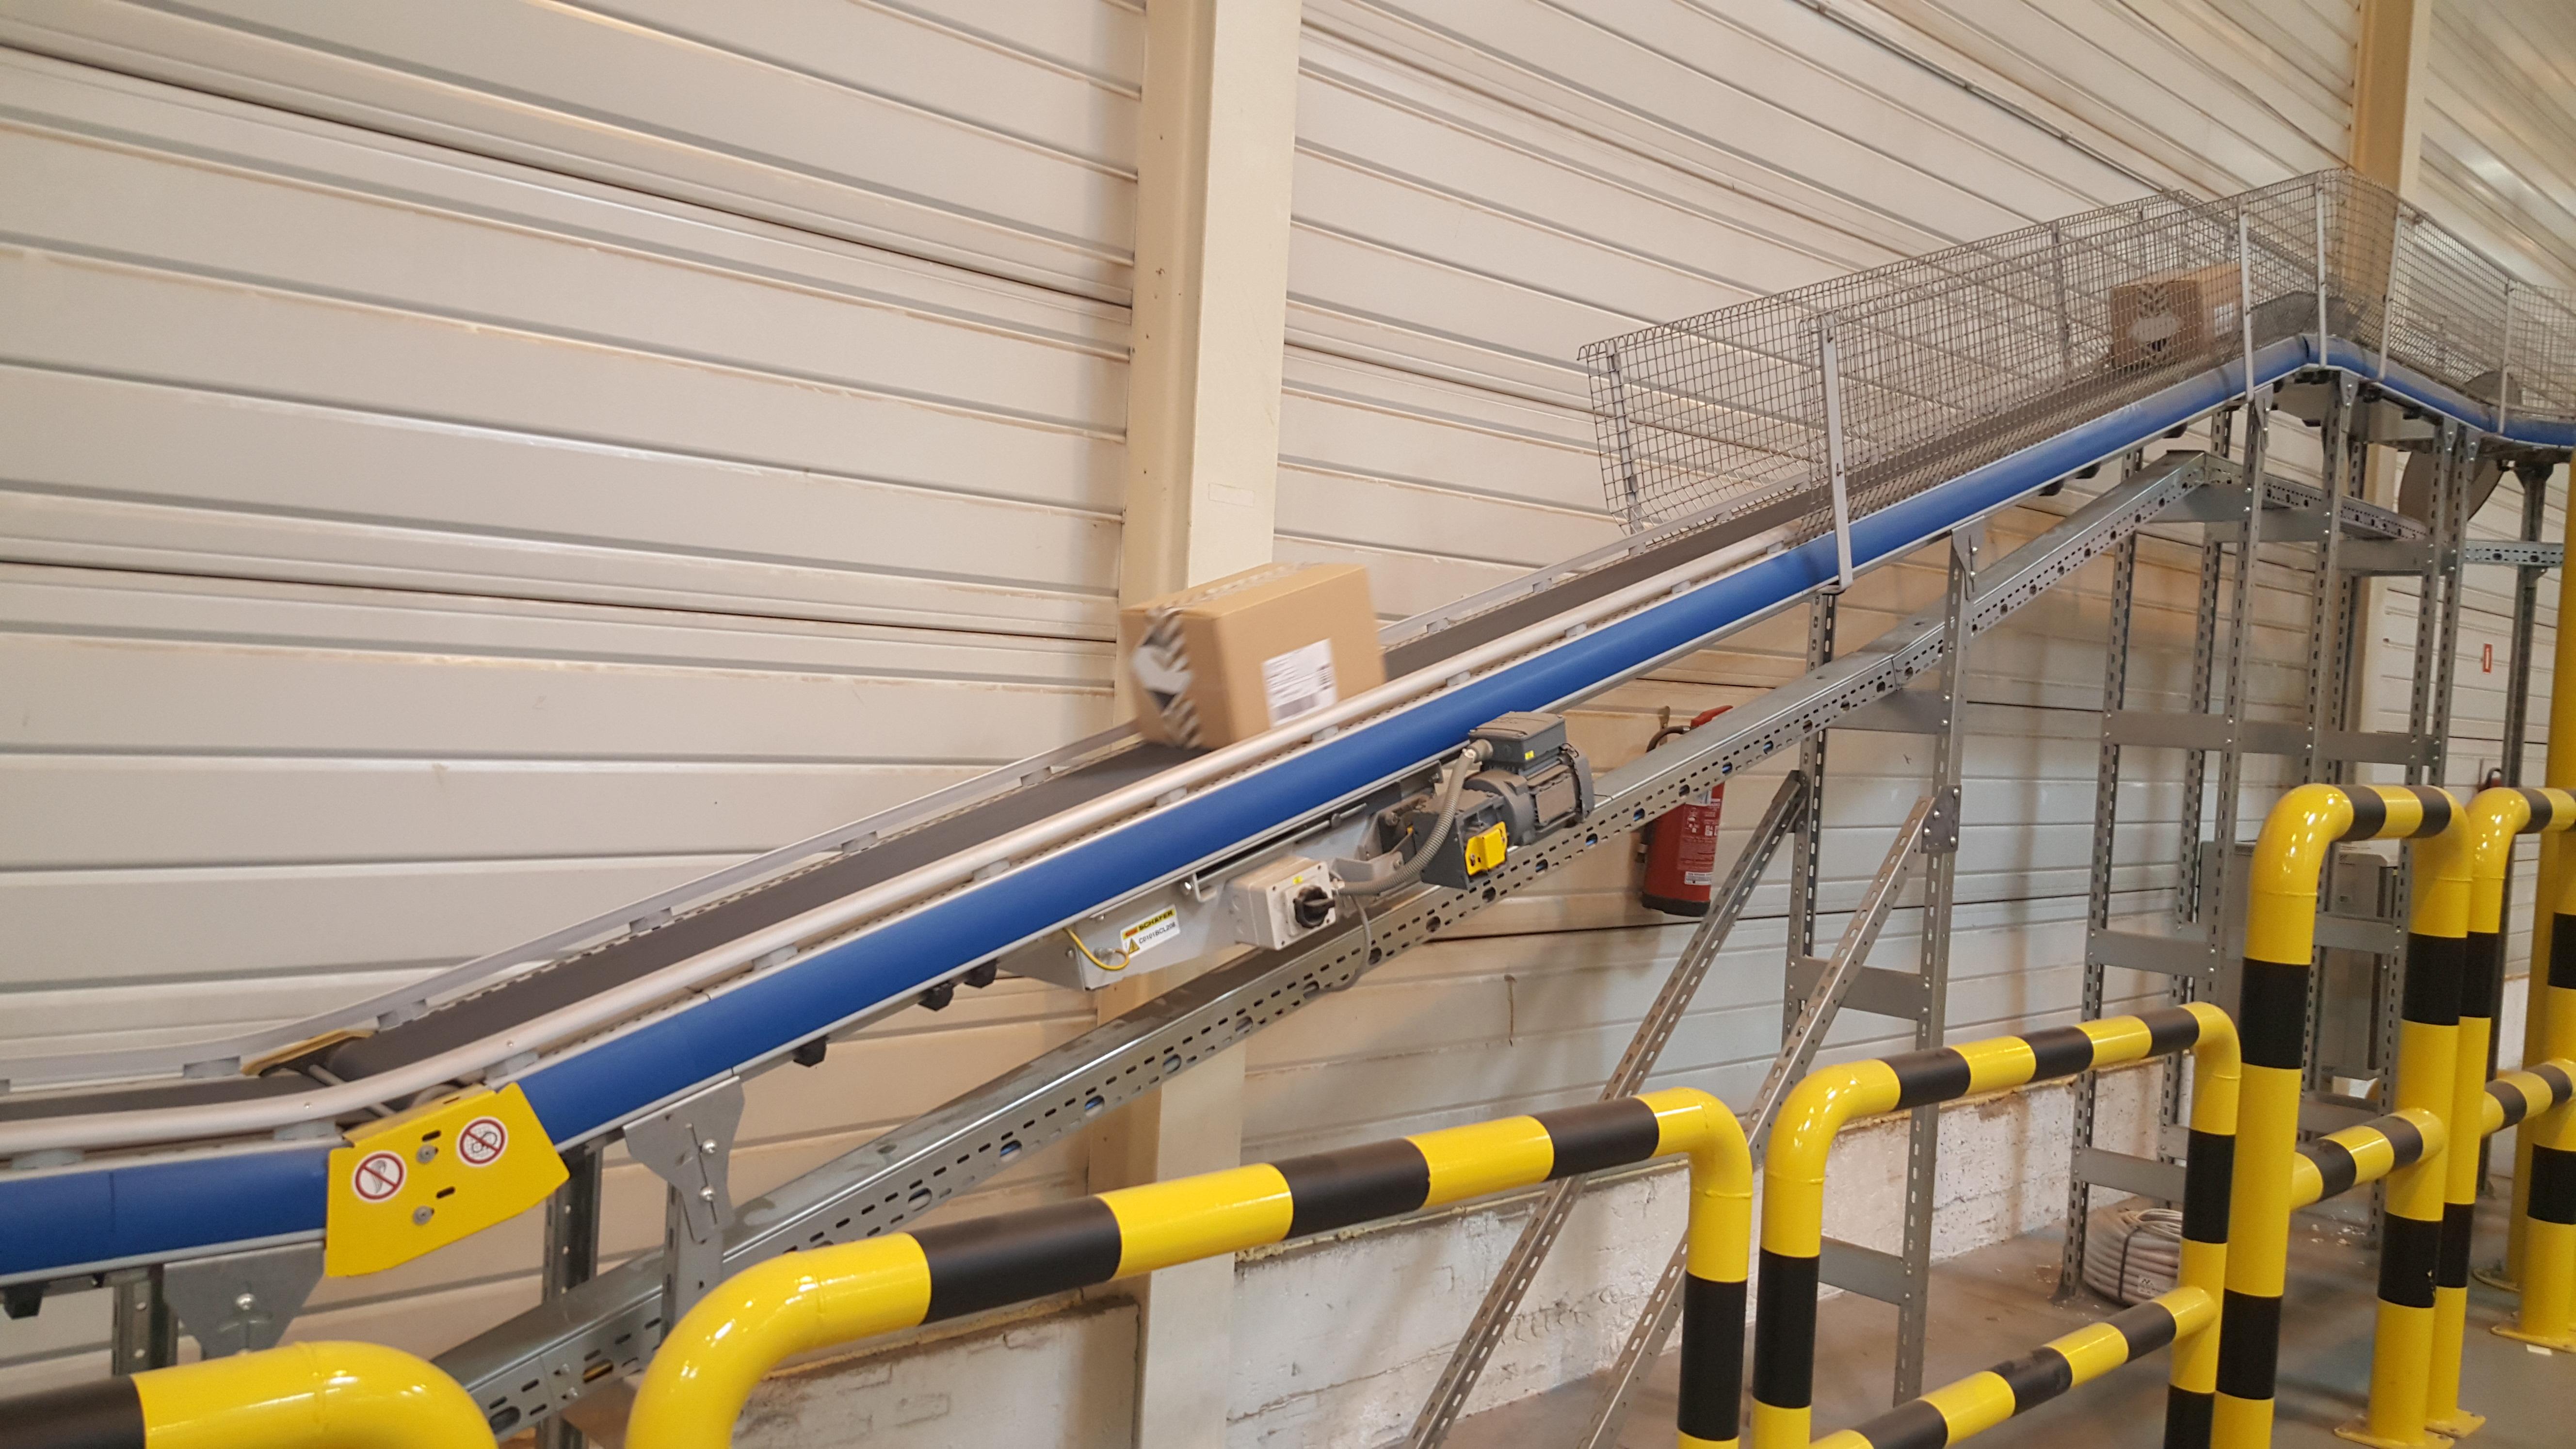 Piaseczno, работник на линии, работать на складе, работать на складе в Польше